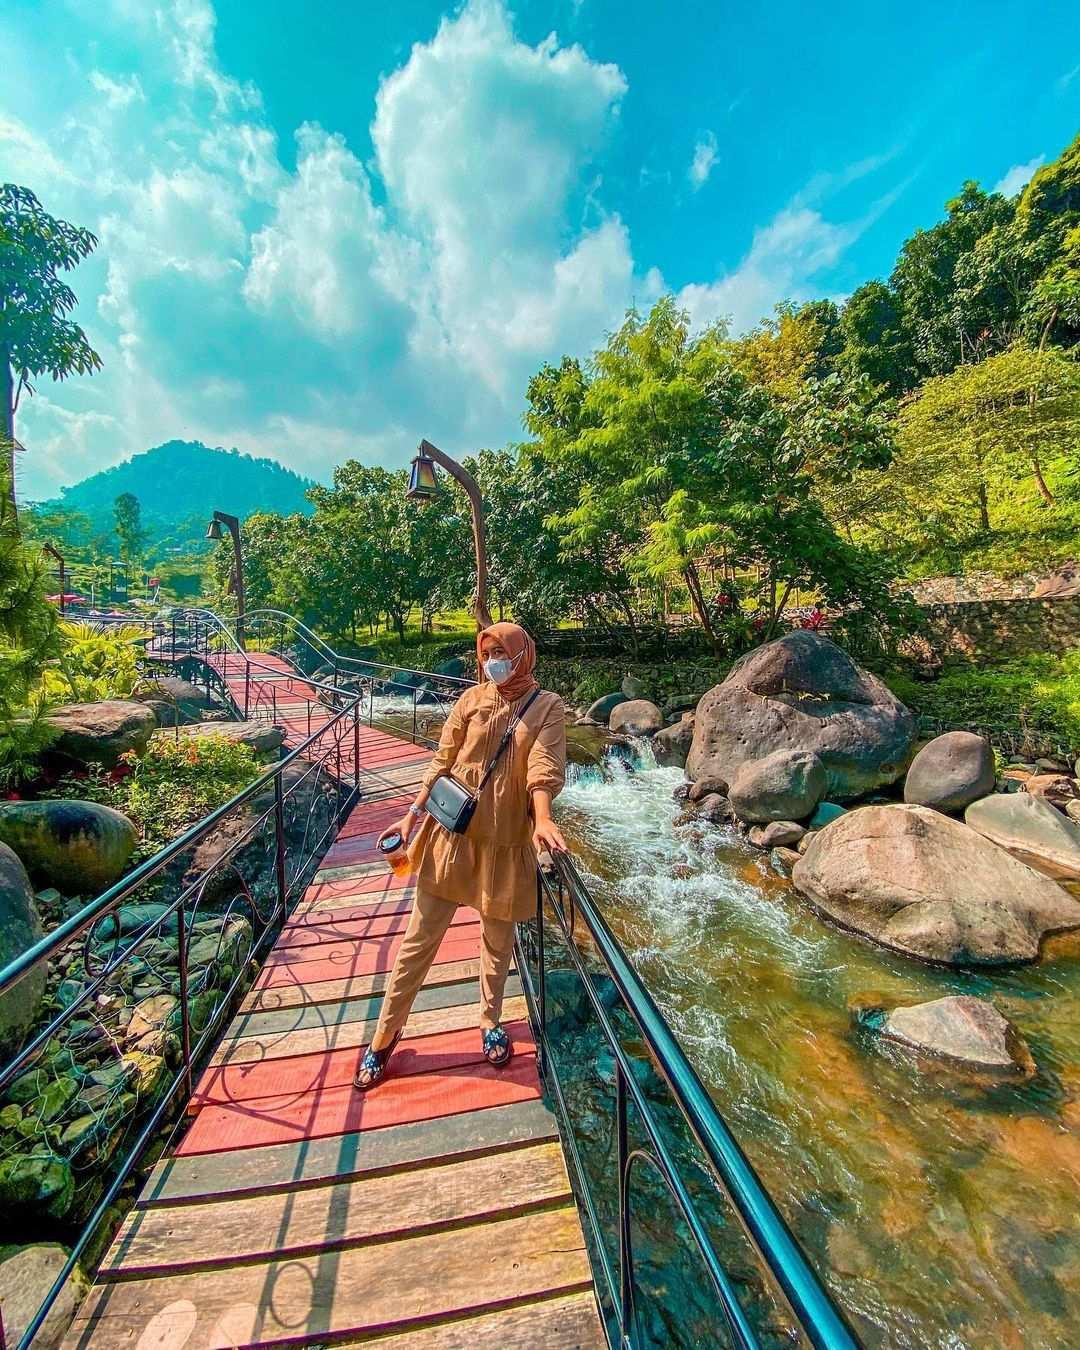 Pemandangan Indah di Pendopo Ciherang Bogor Image From @radenintan_